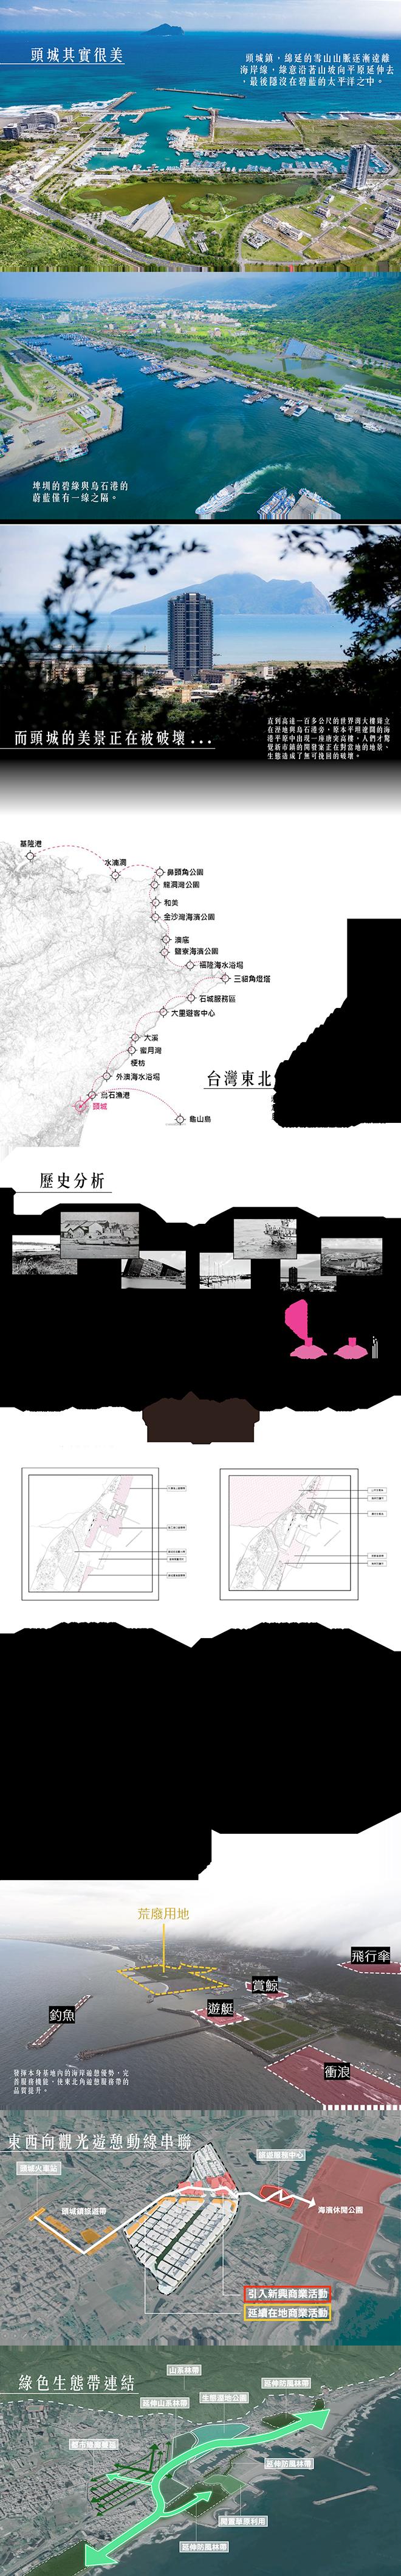 烏石港-作品內容1.png